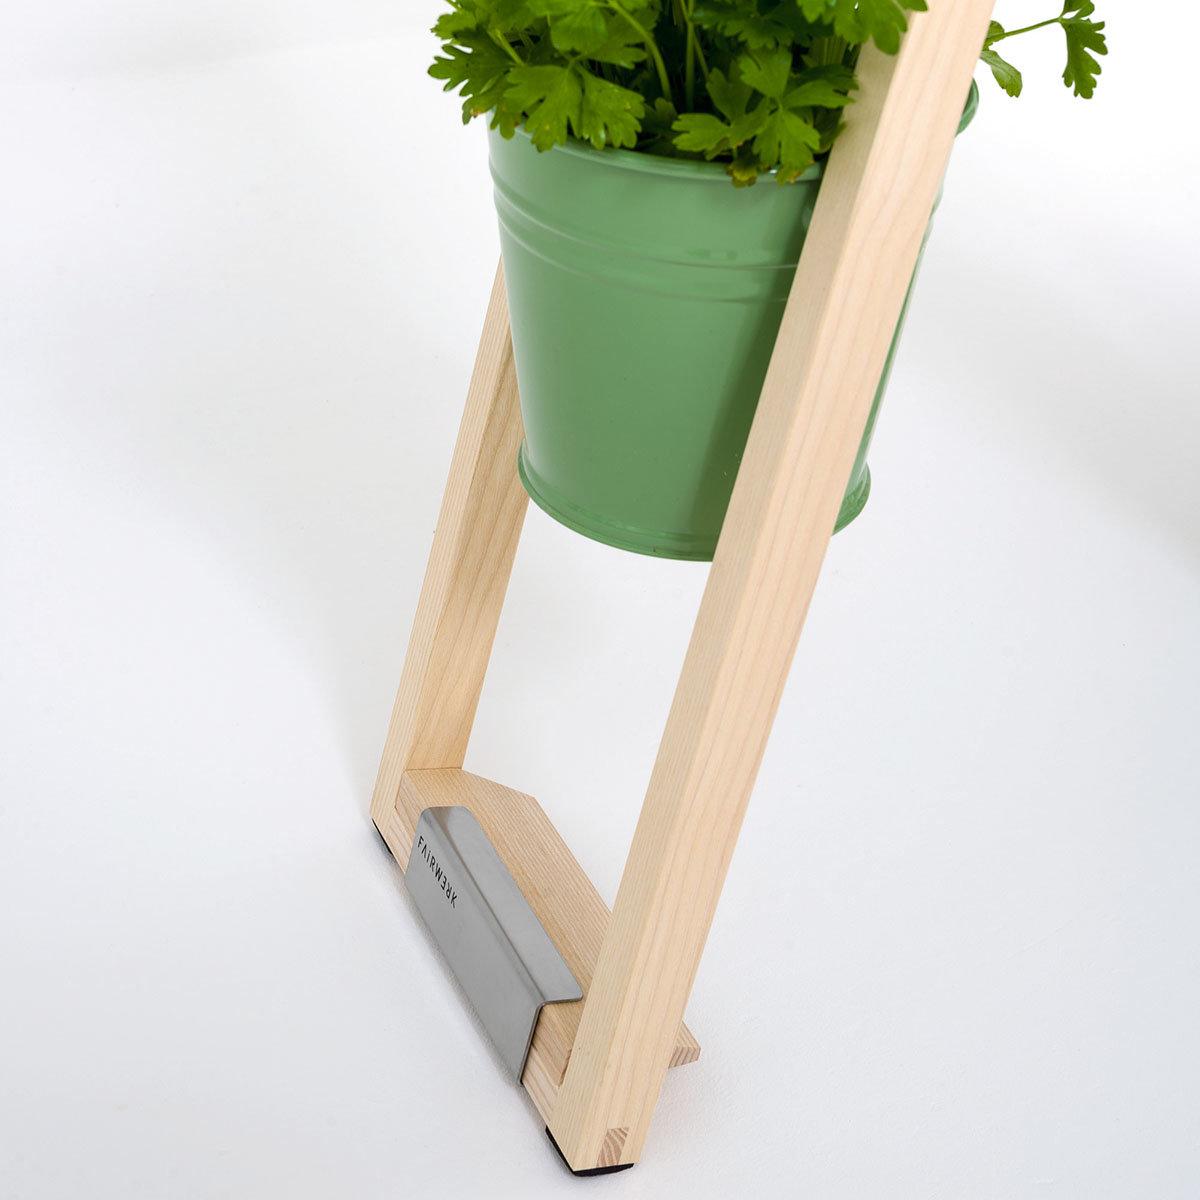 Pflanzleiter mit Topf 2-in-1 ,238x22x42 cm, Eschenholz, blassgrün | #5